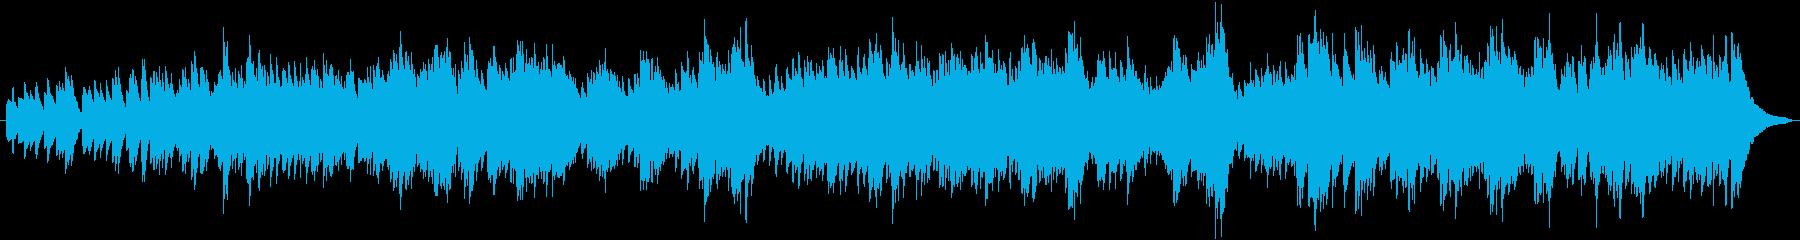 機嫌の良いバッハのフーガの再生済みの波形